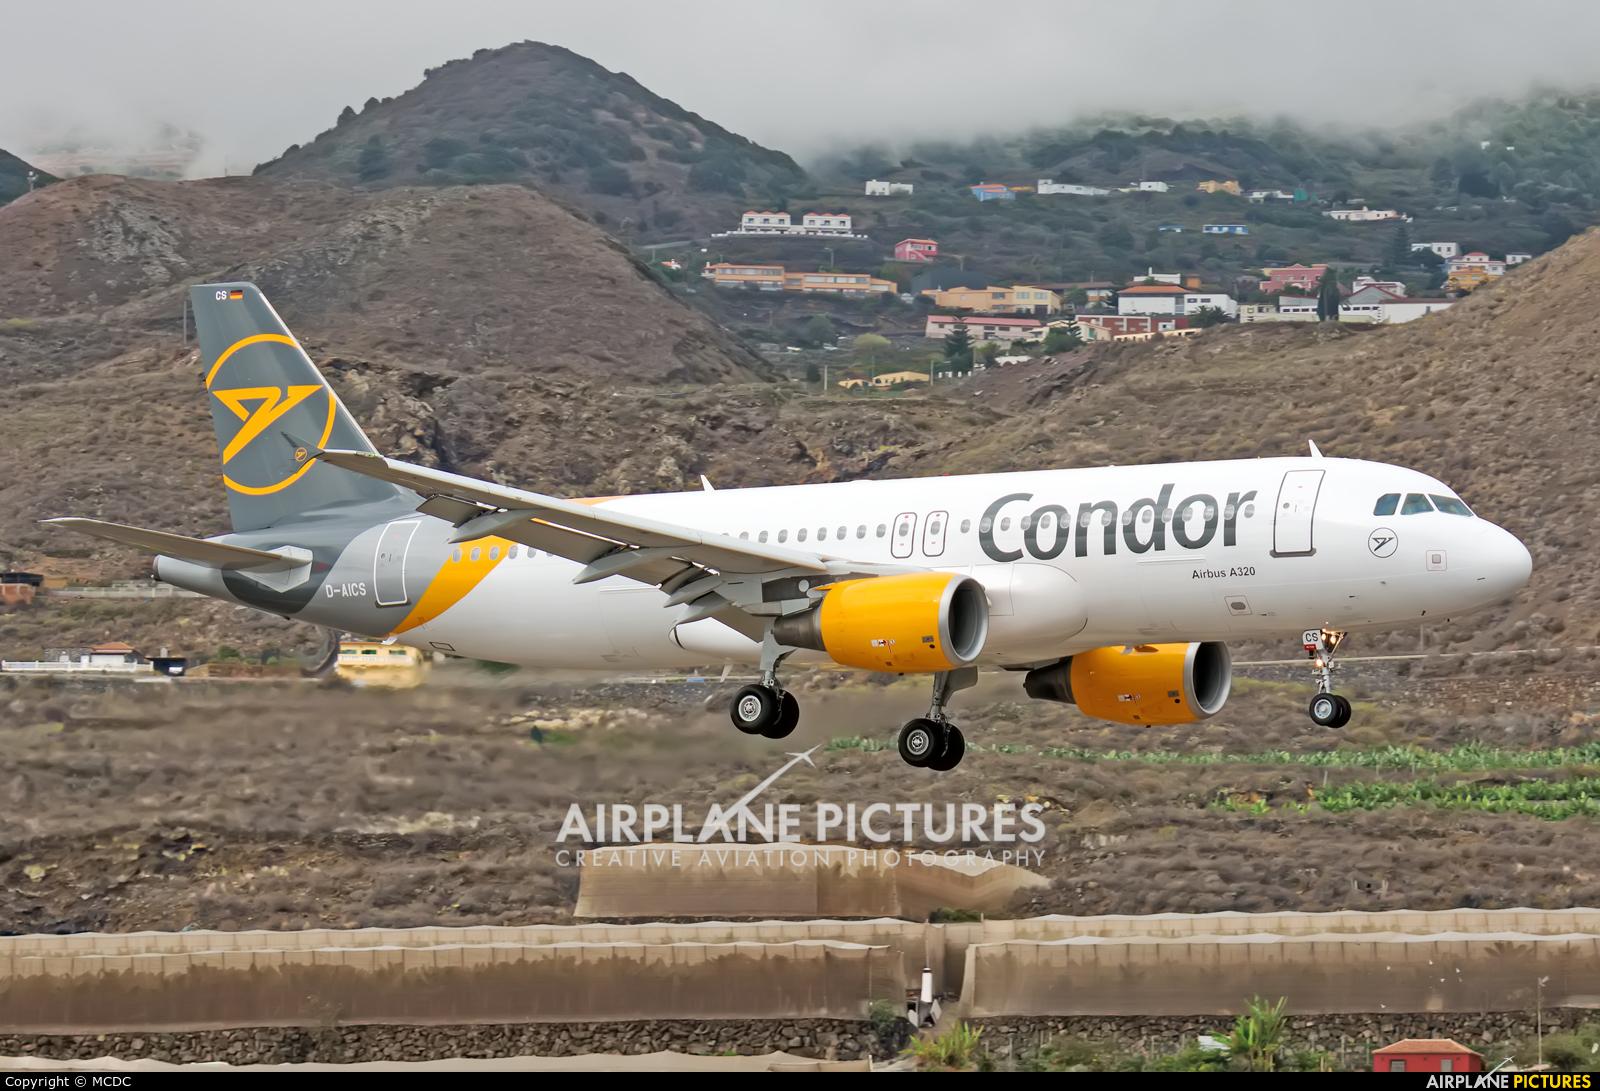 Condor D-AICS aircraft at Santa Cruz de La Palma